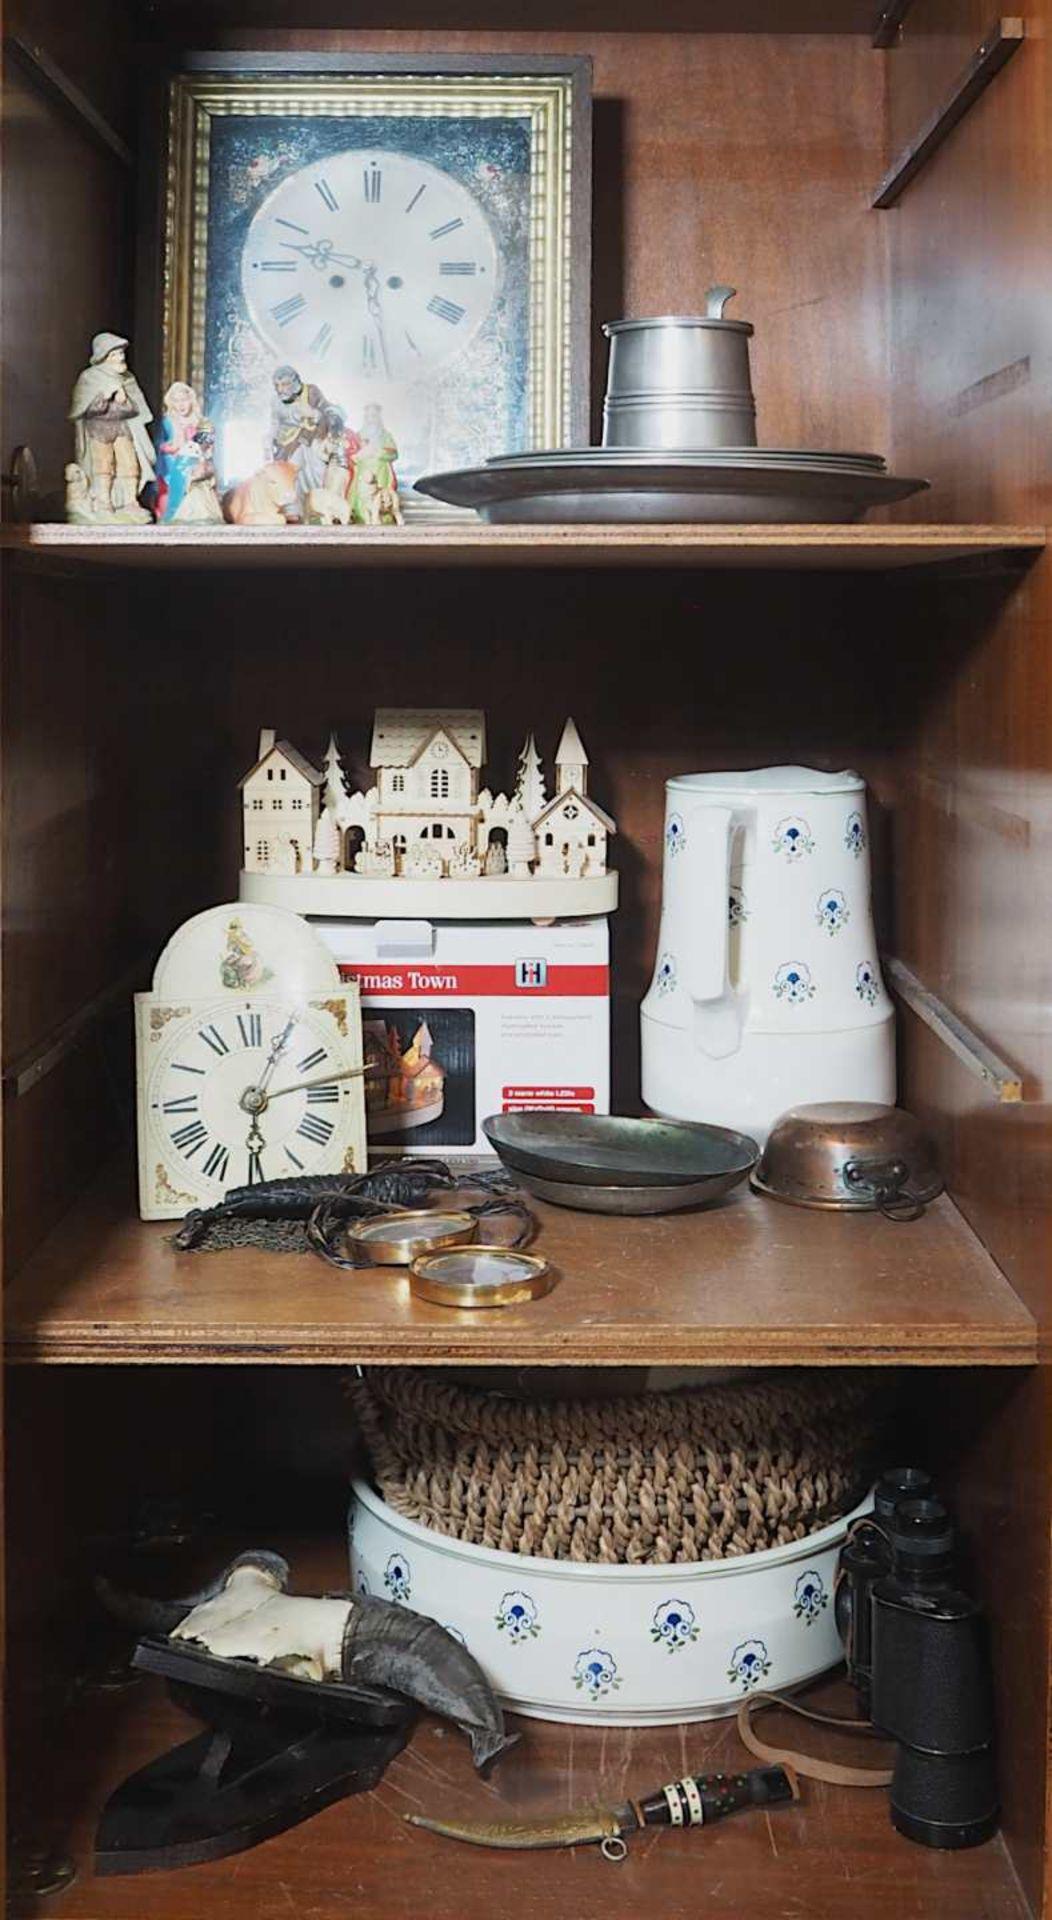 1 Konv.: 1 Rahmenuhr 20. Jh. mit Pendel und 2 Gewichten ca. 38,5x32,5cm; 1 Bauernuhr w - Bild 2 aus 2